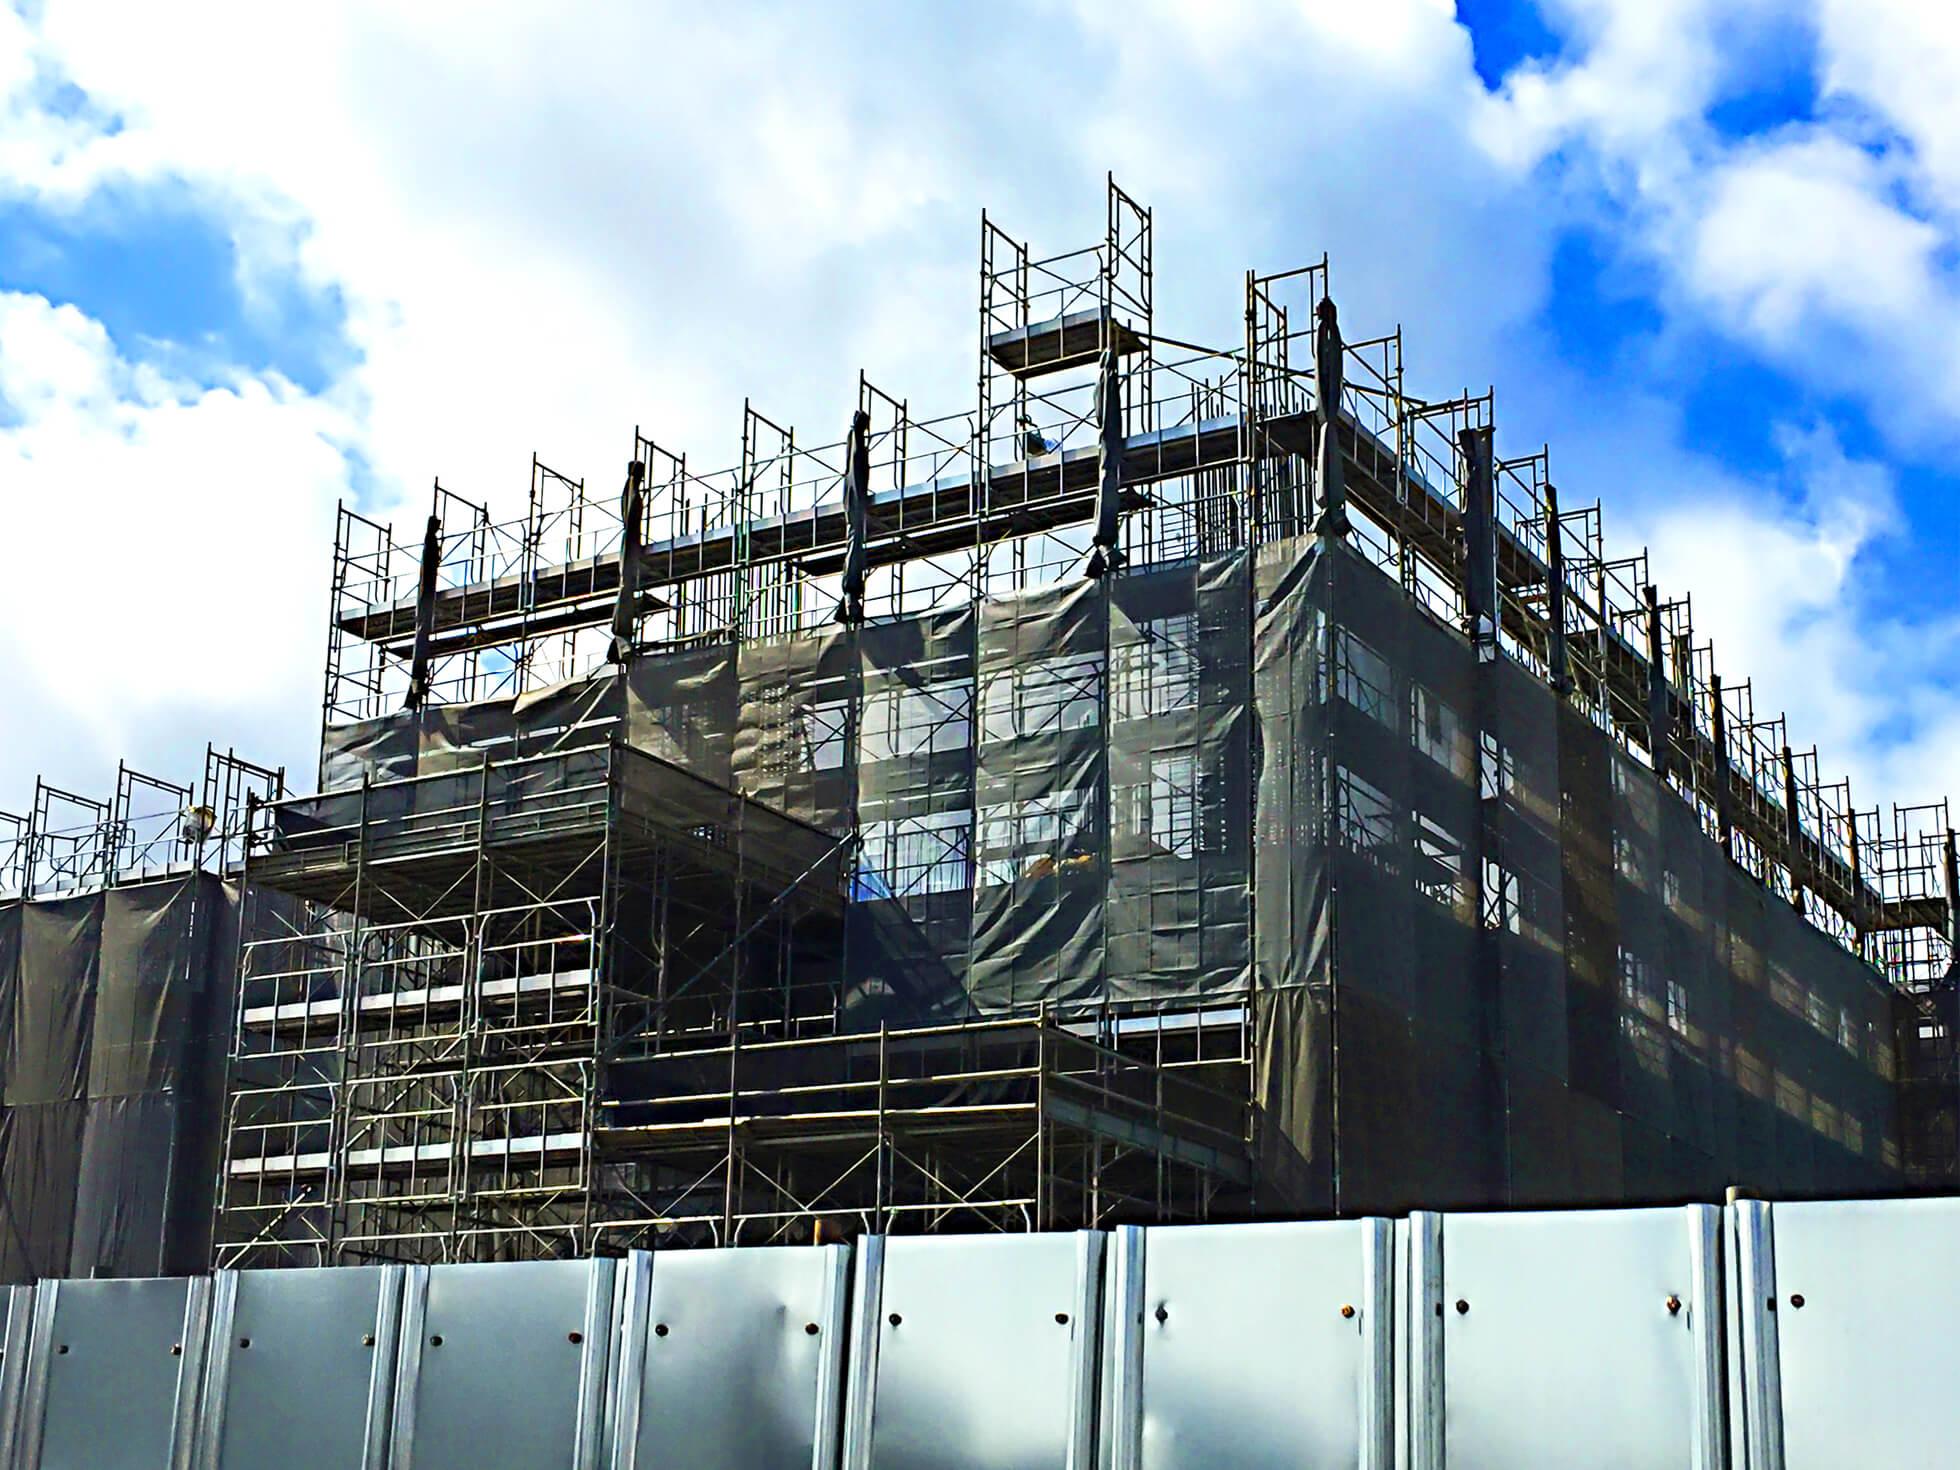 建設業で2024年に適用される時間外労働の上限規制に対応するためには?